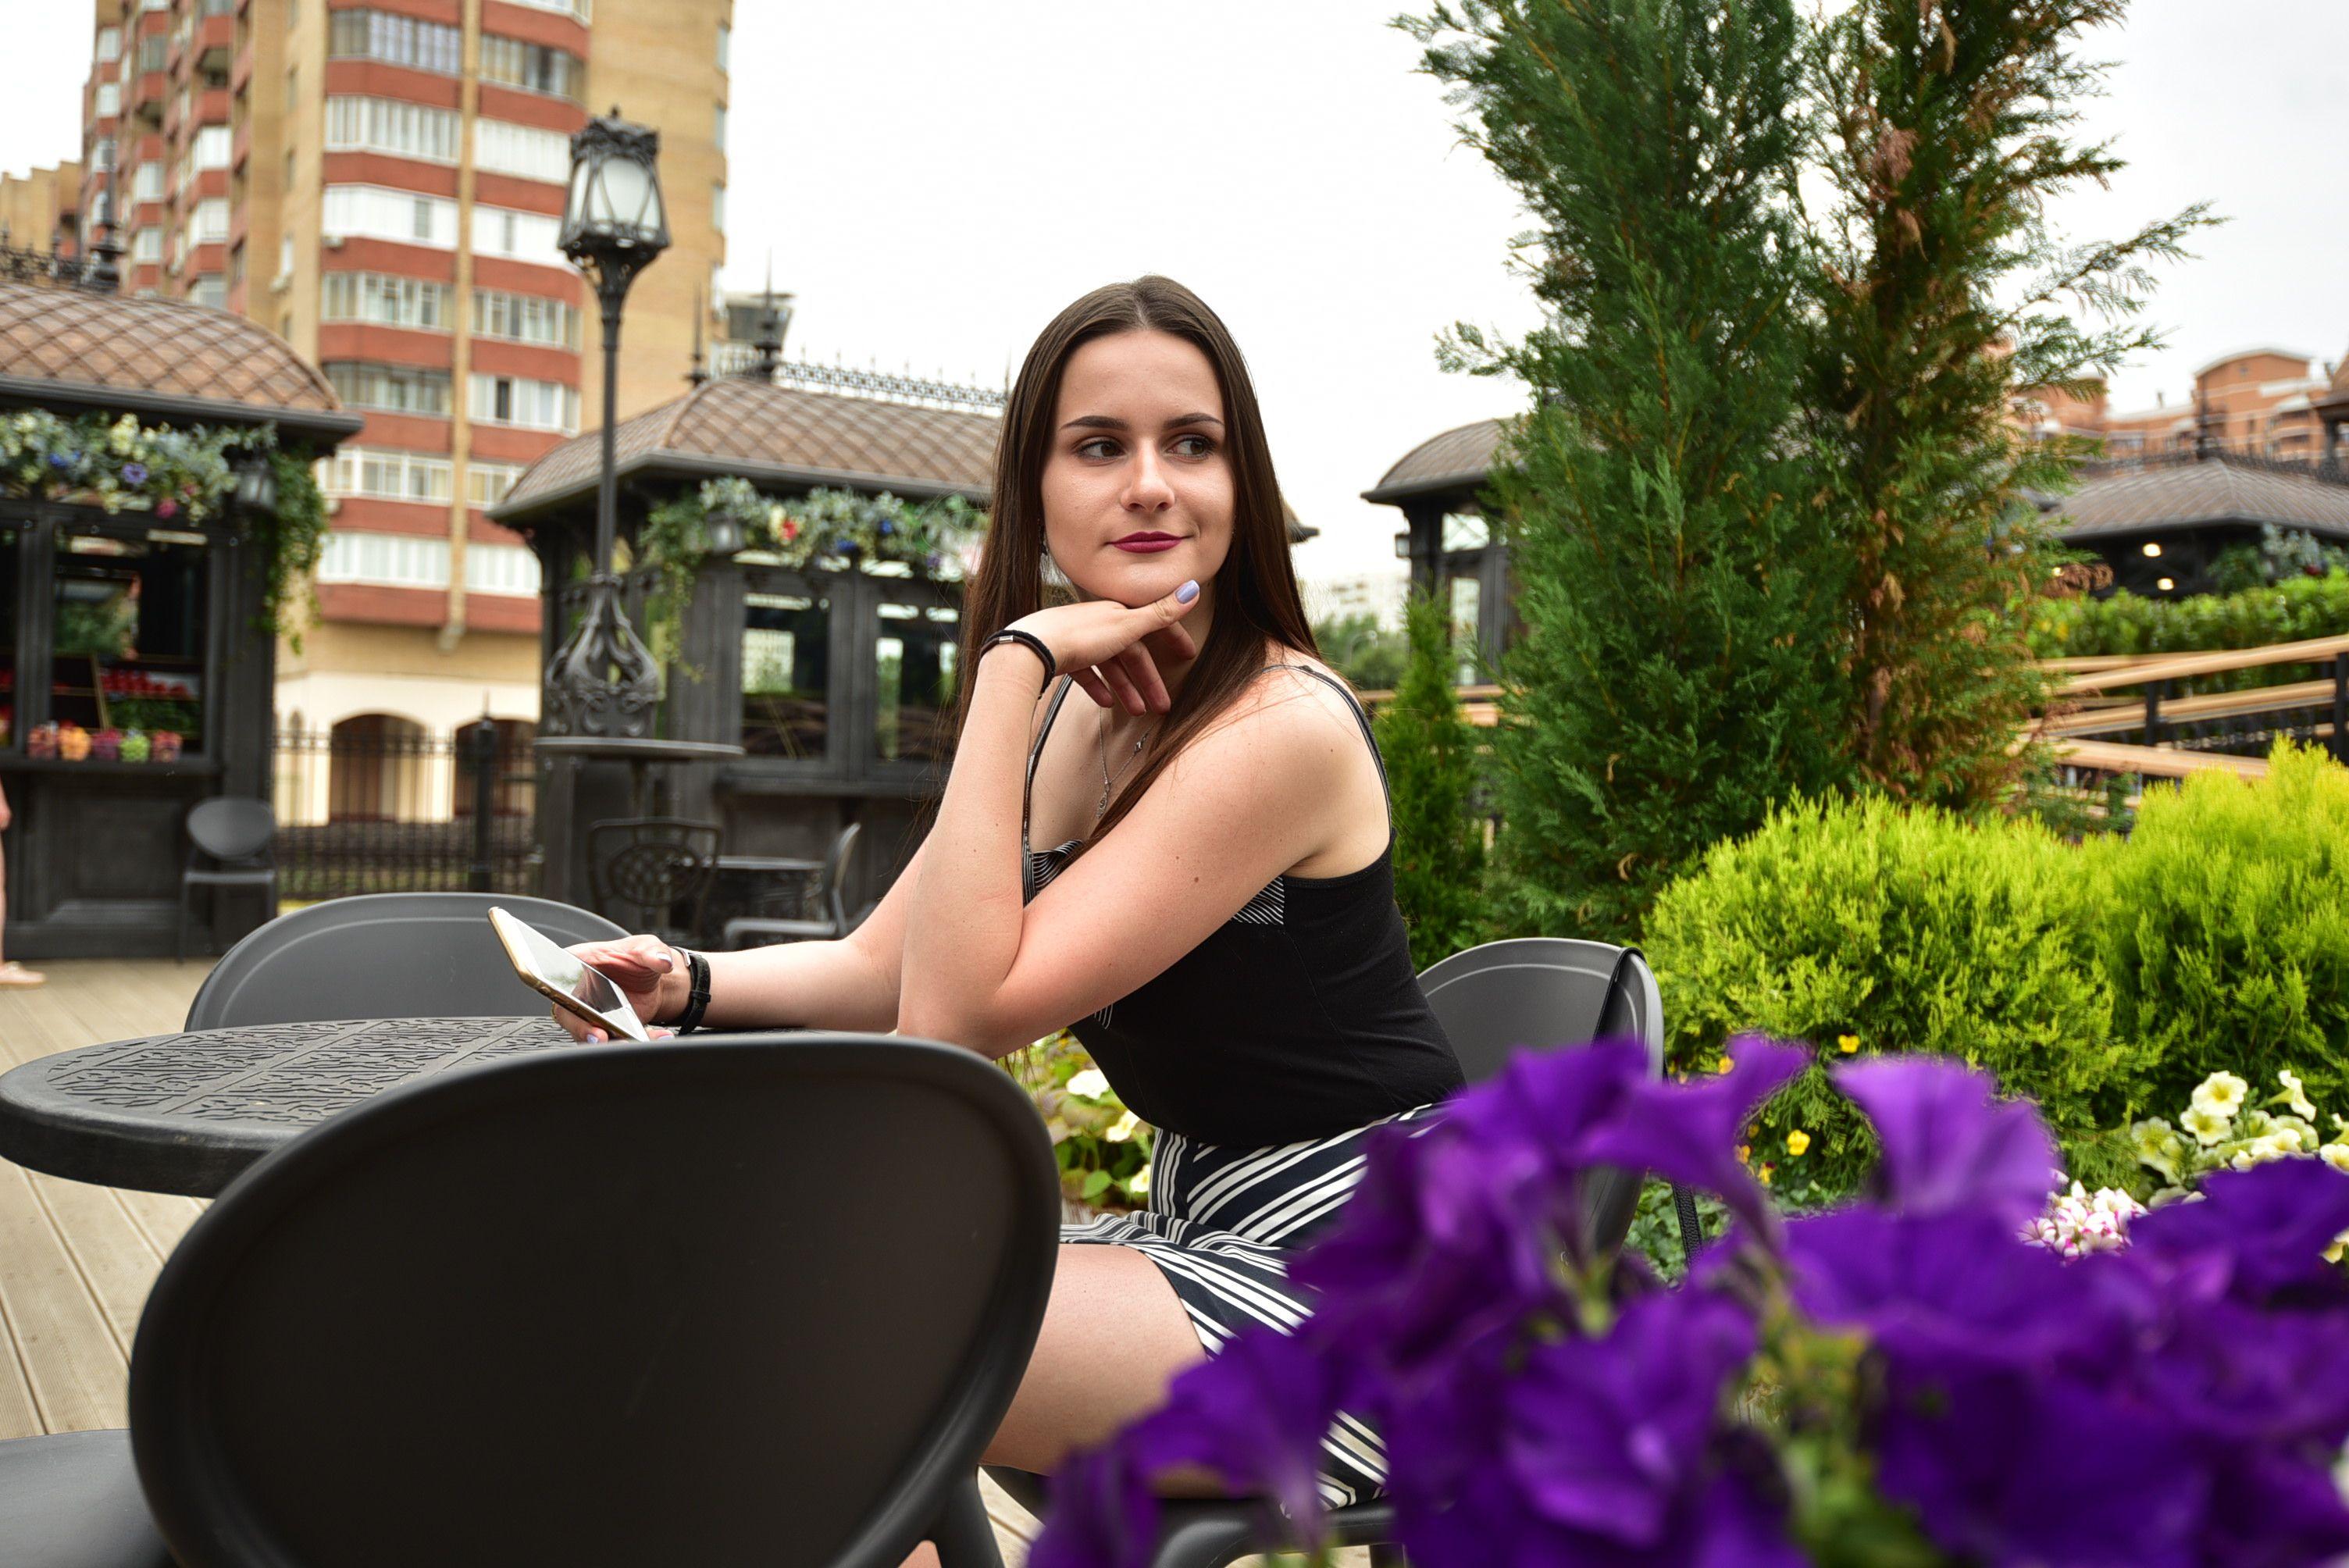 На юго-востоке Москвы продадут плавучее кафе